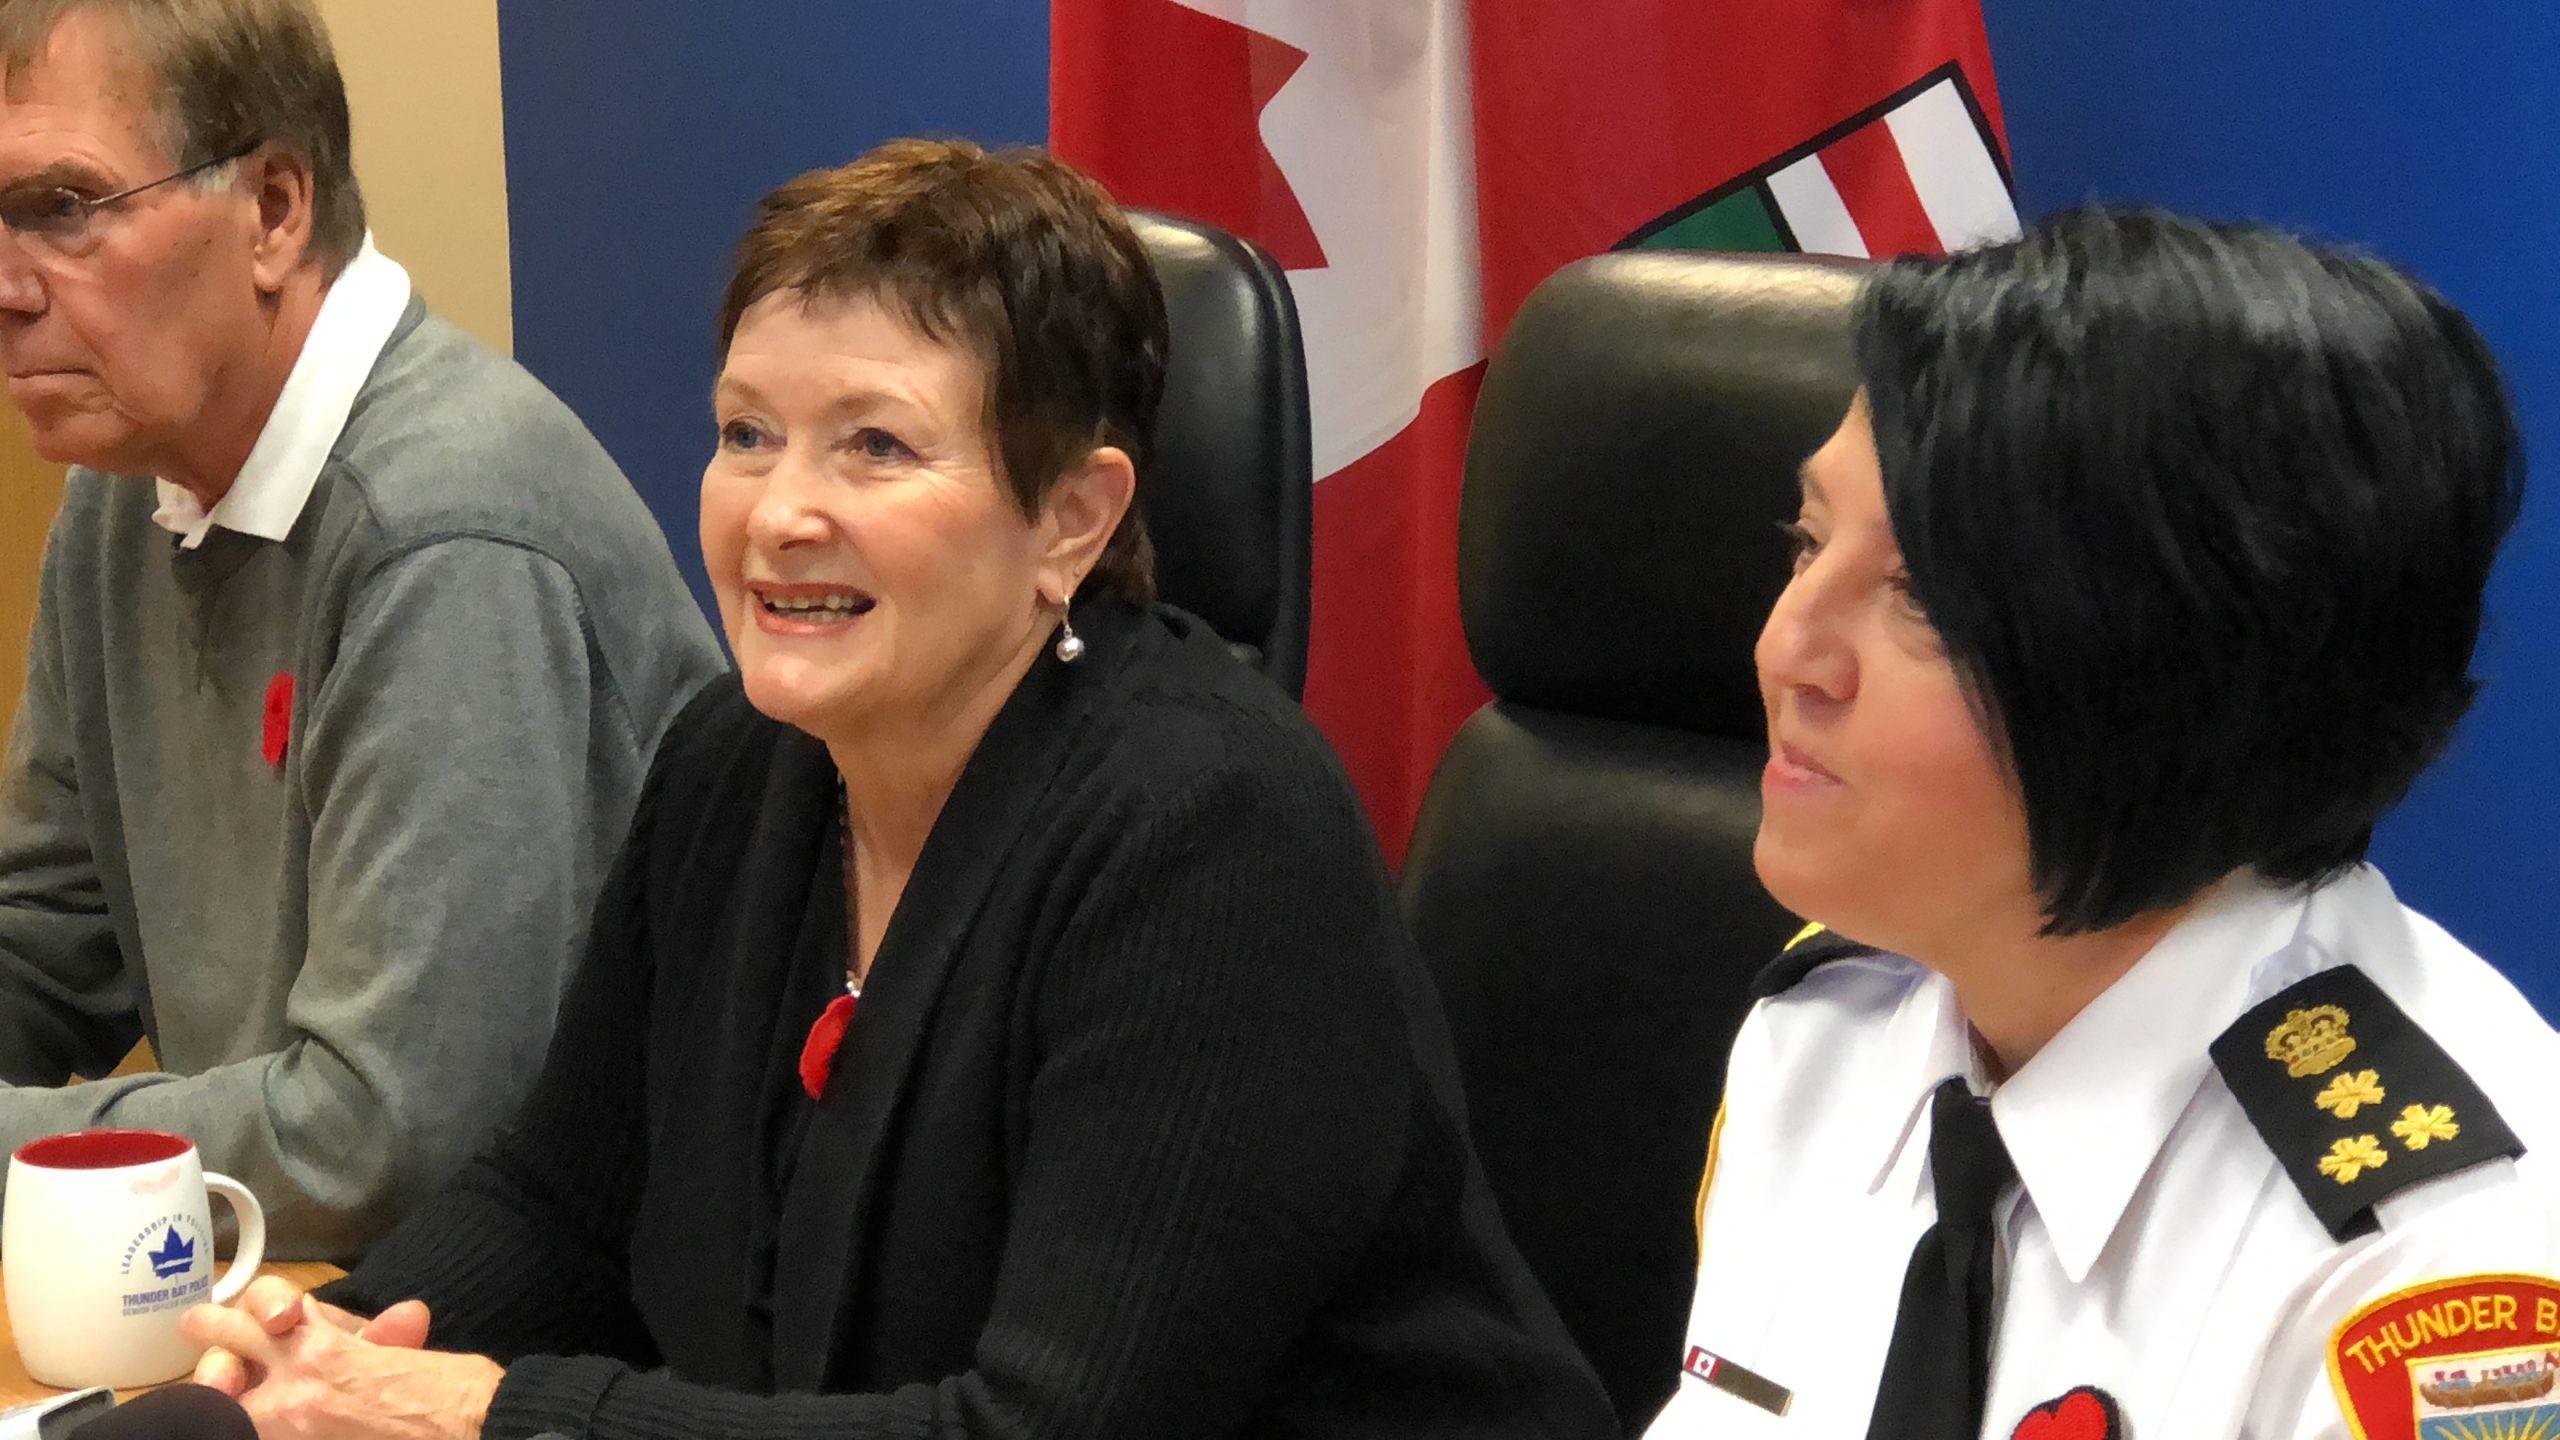 Sylvie Hauth Announced As Police Chief